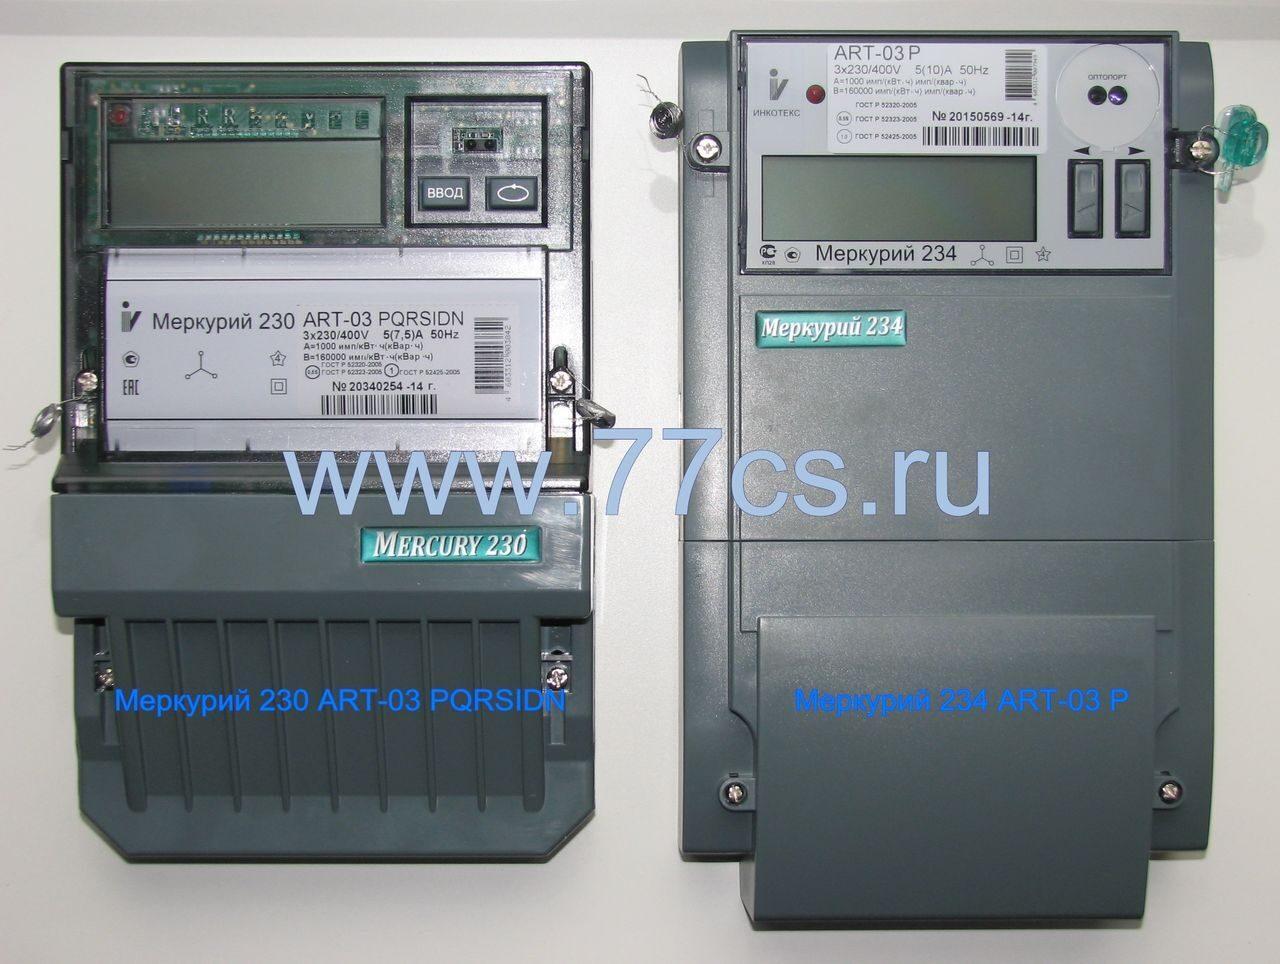 схема подключения счетчика mercury 230 03art